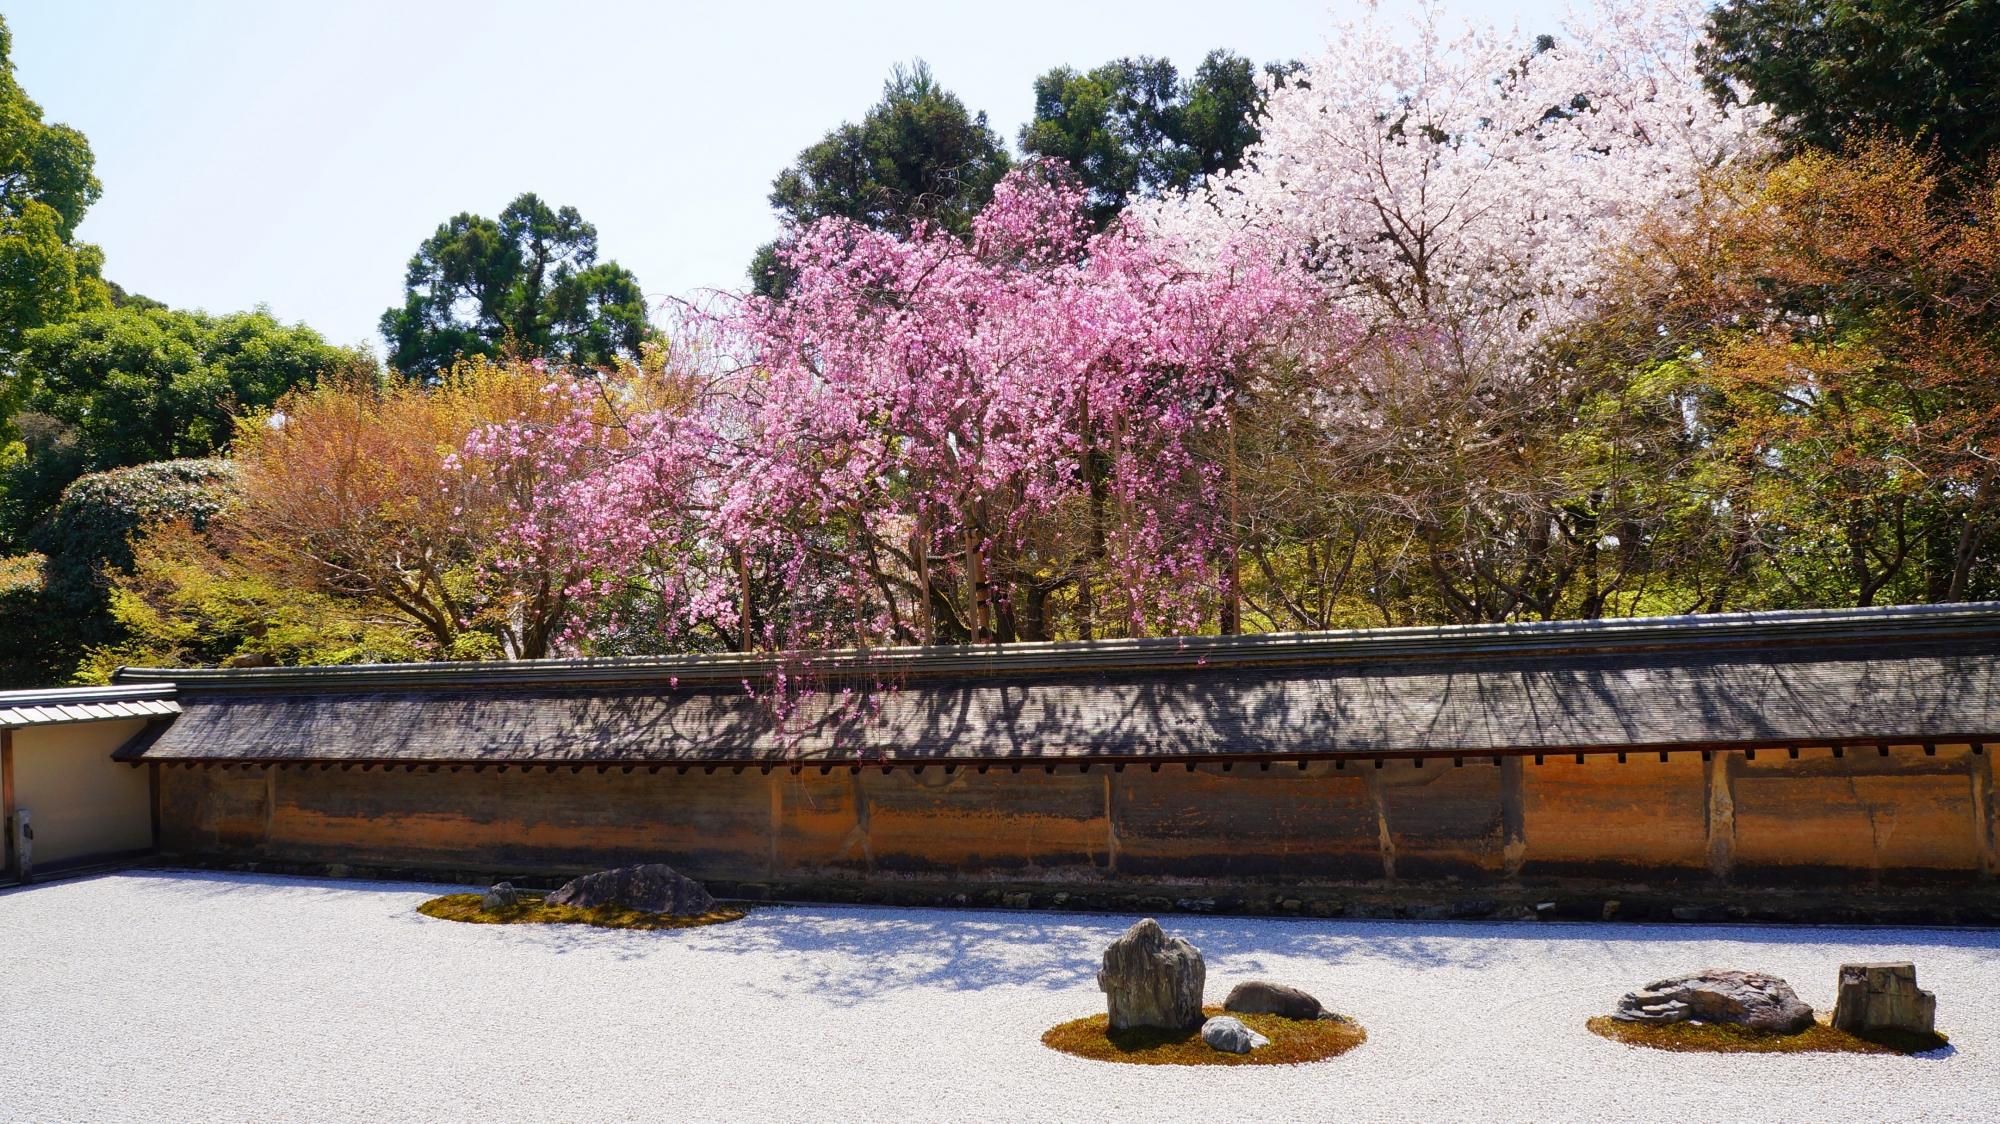 咲き誇る桜が溢れ出す石庭